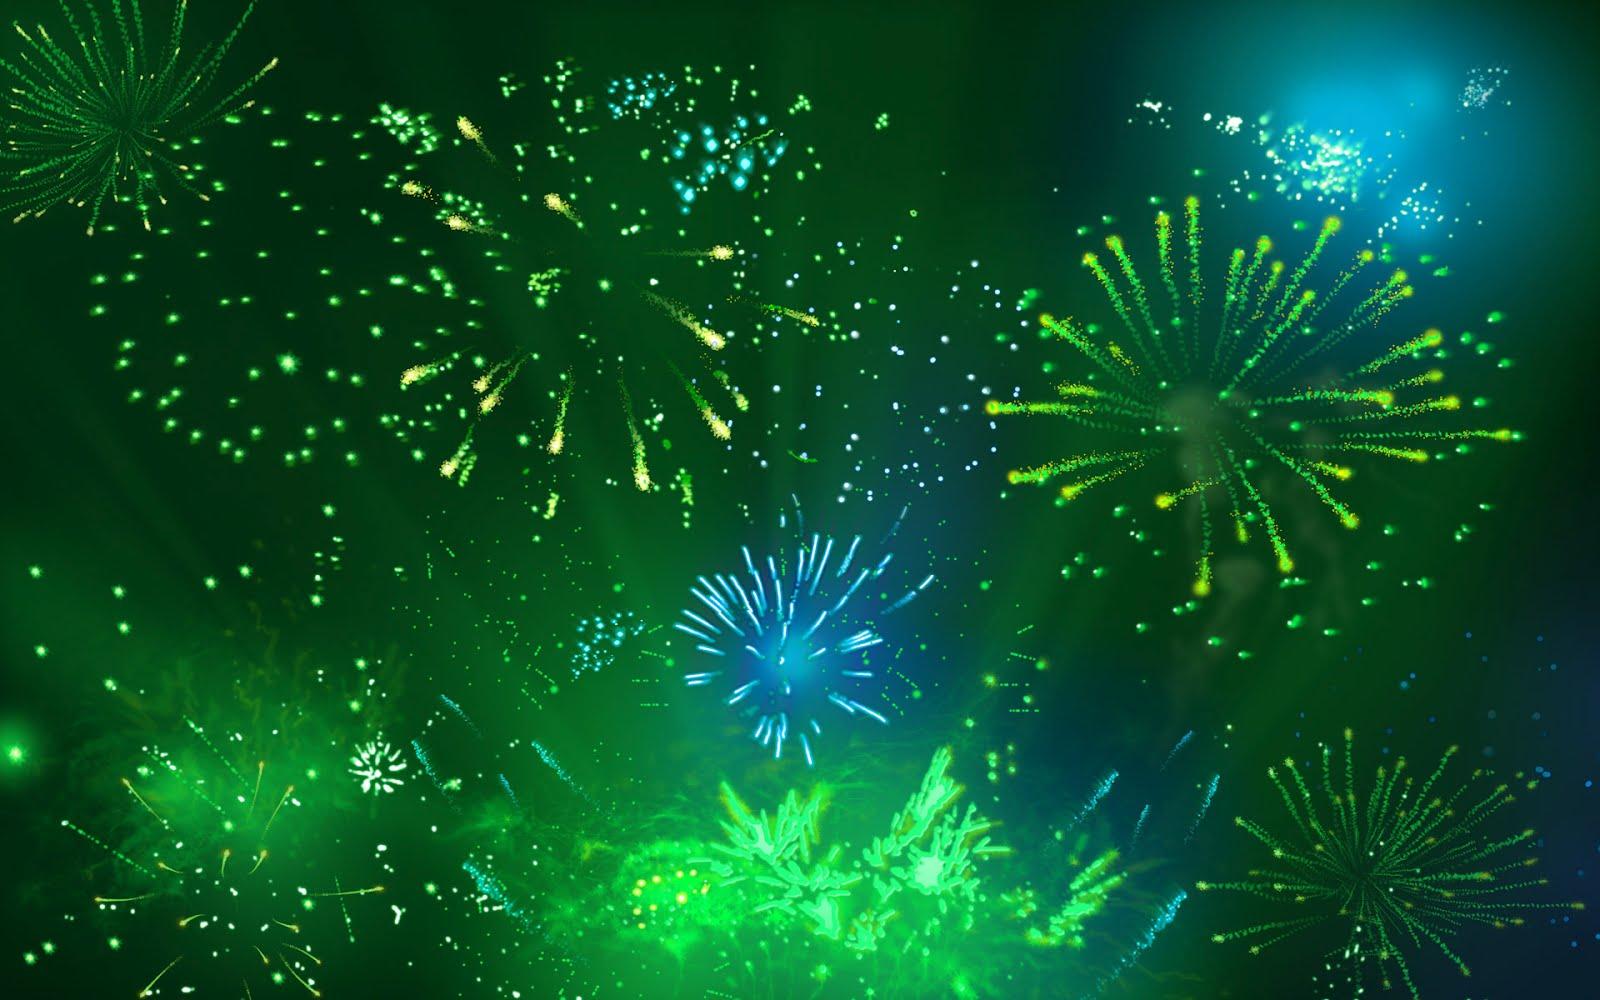 fireworks happy new year wallpaper hd #8323 wallpaper | walldiskpaper